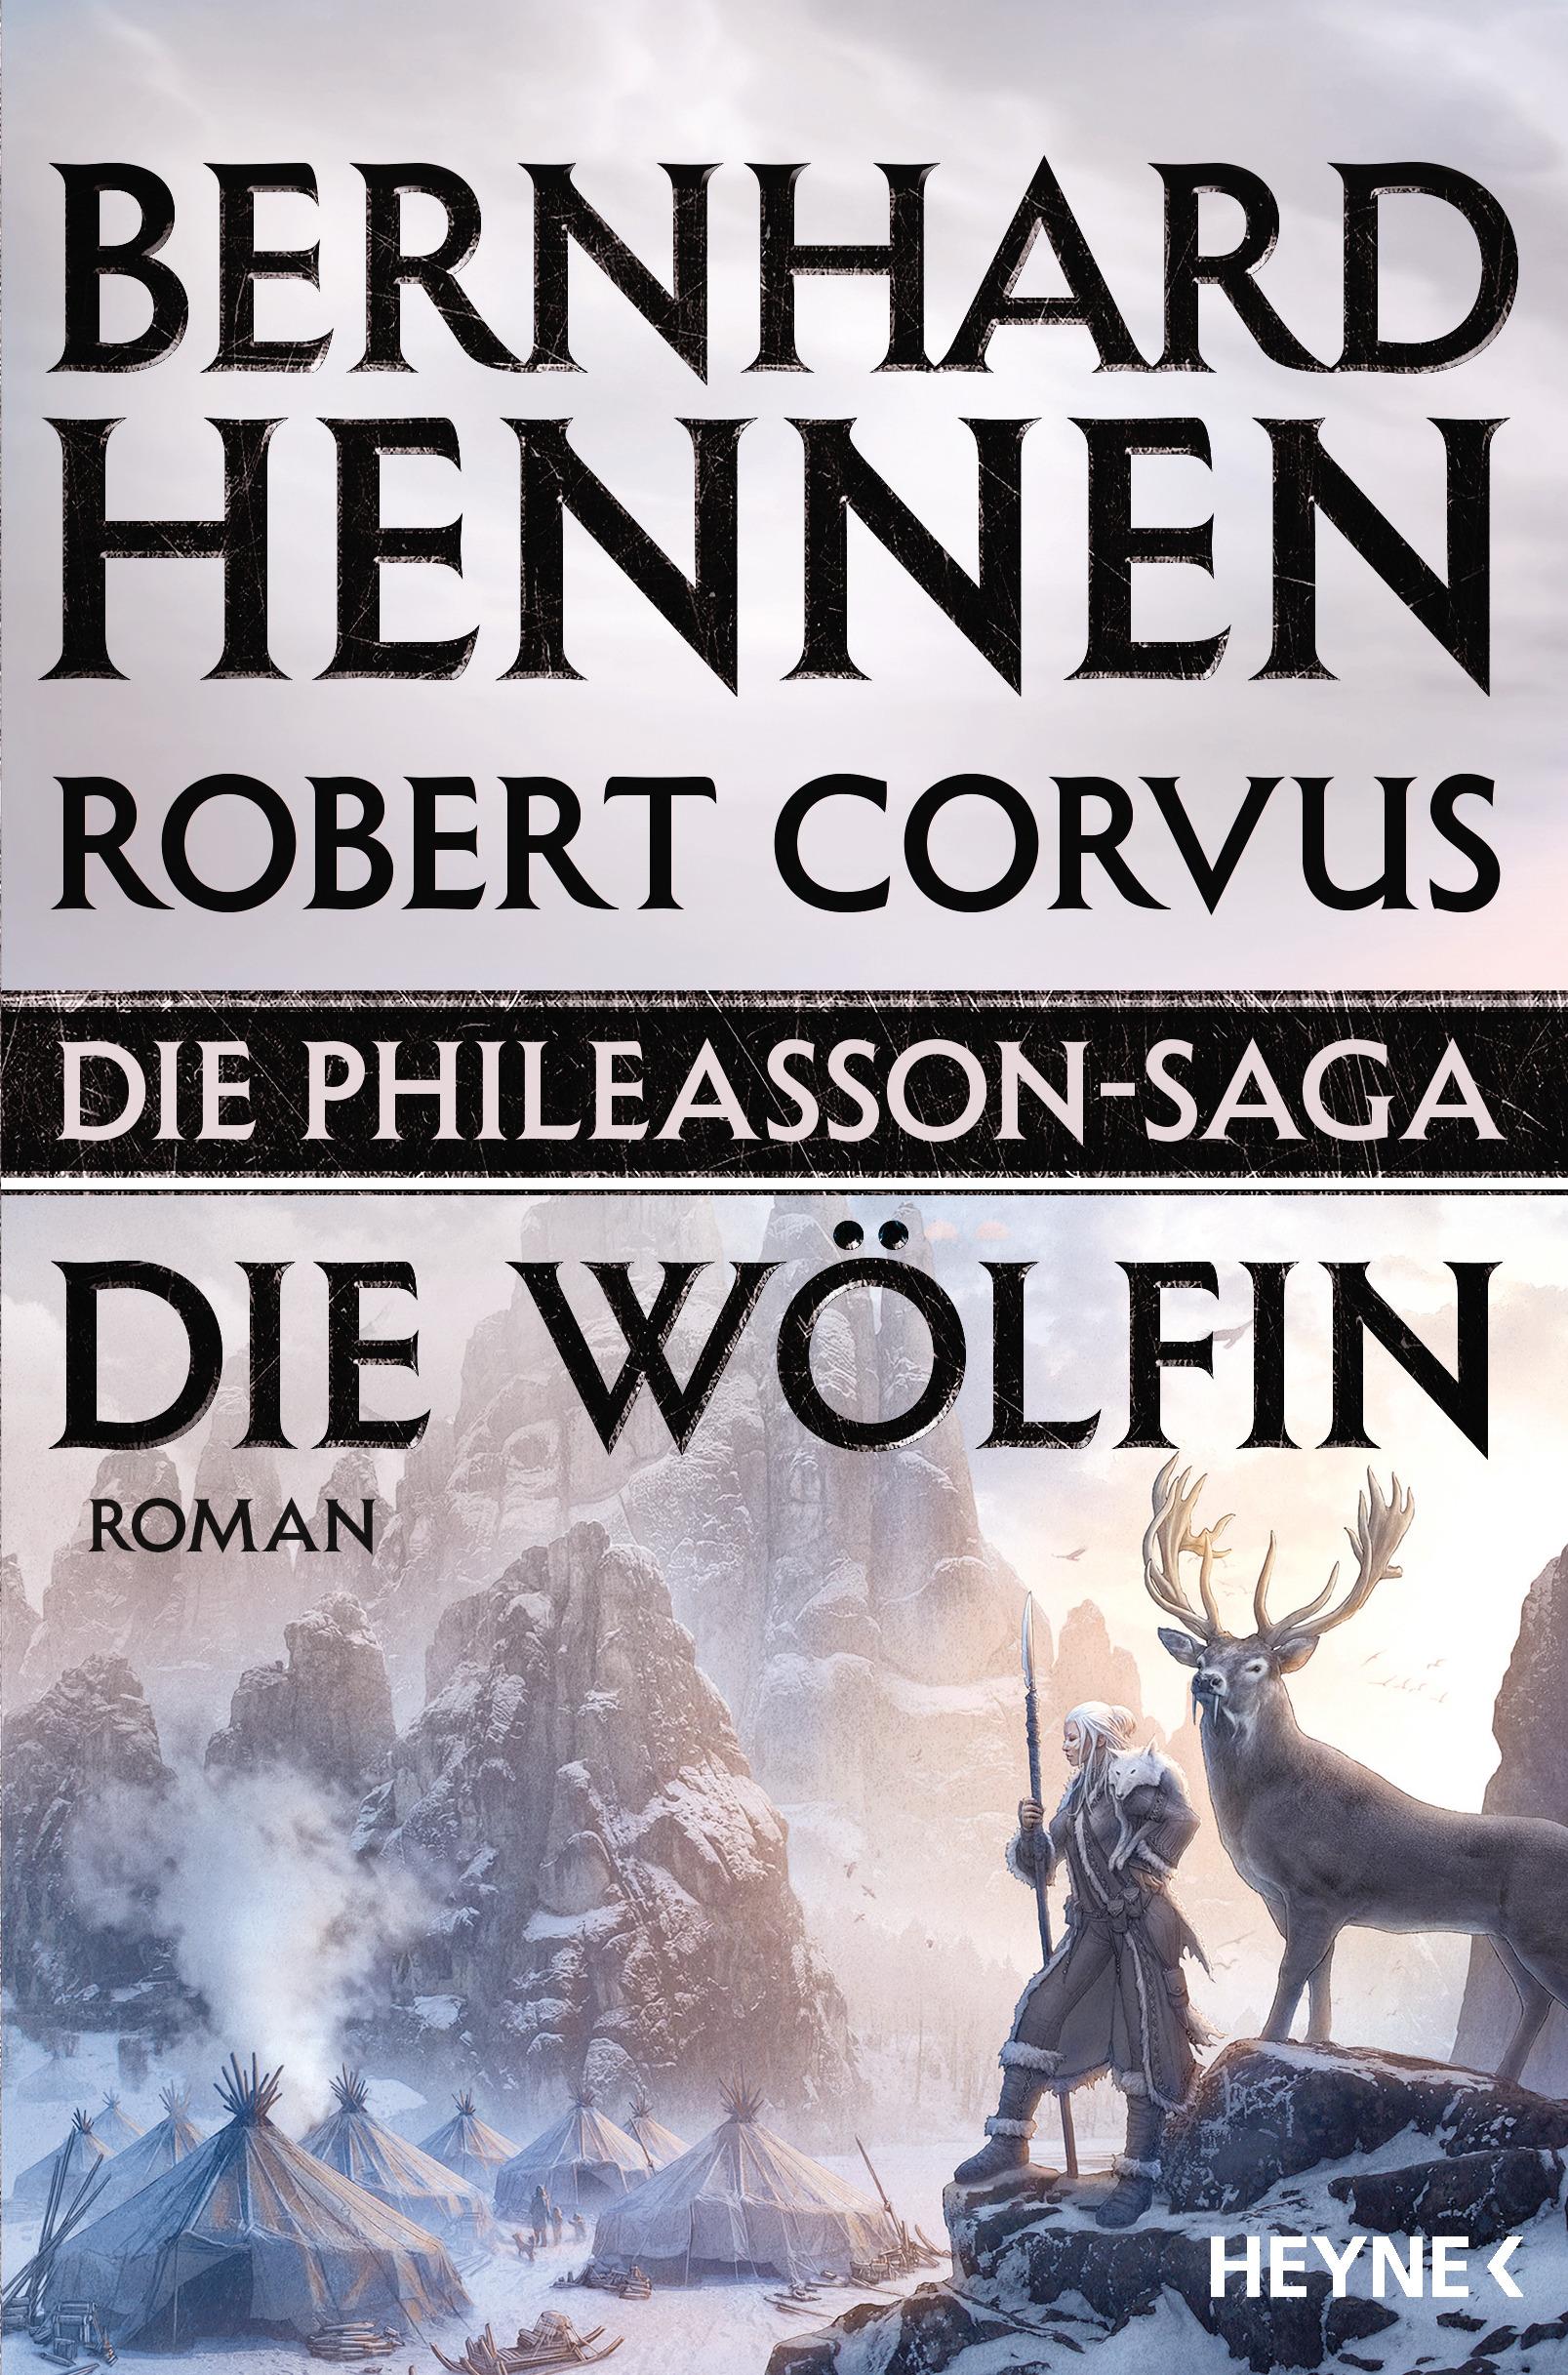 Die Phileasson Saga - Die Woelfin von Bernhard Hennen